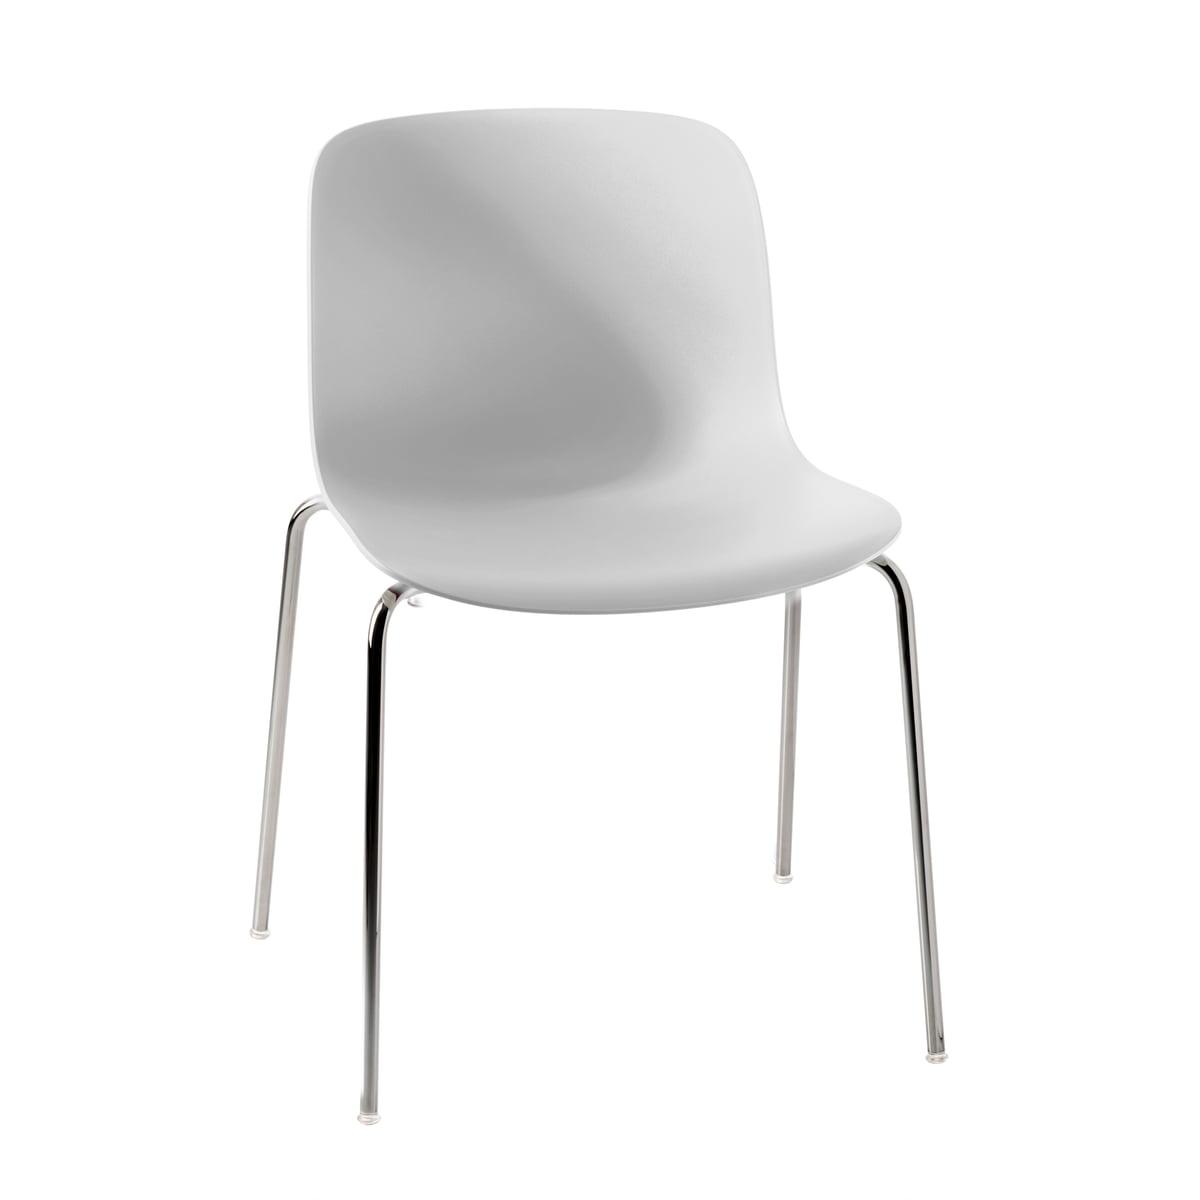 magis chaise troy pp quatre pieds. Black Bedroom Furniture Sets. Home Design Ideas